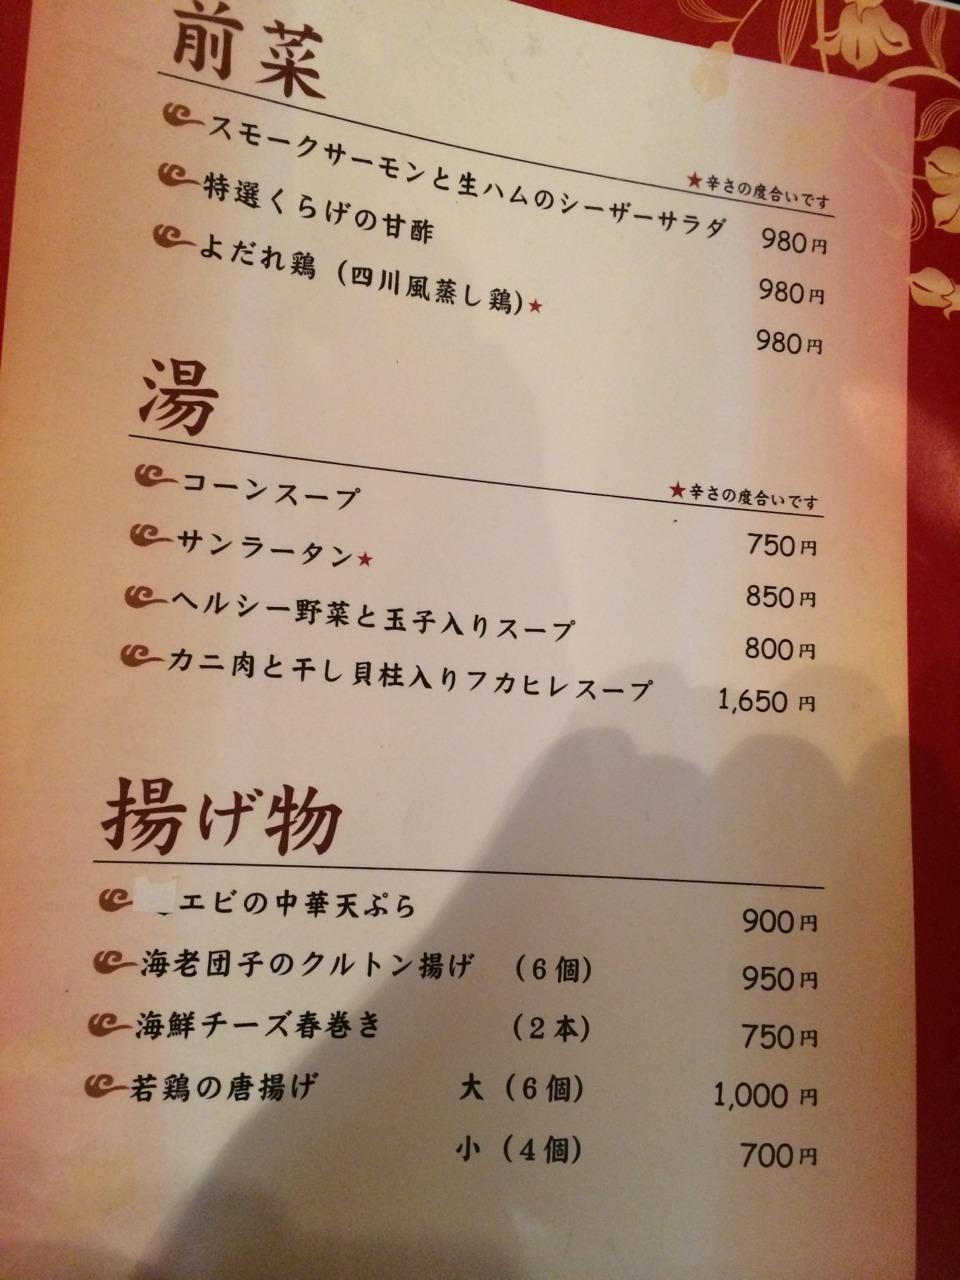 中国料理 銀座四川 壽桃  閉店アナウンス_e0115904_14463986.jpg